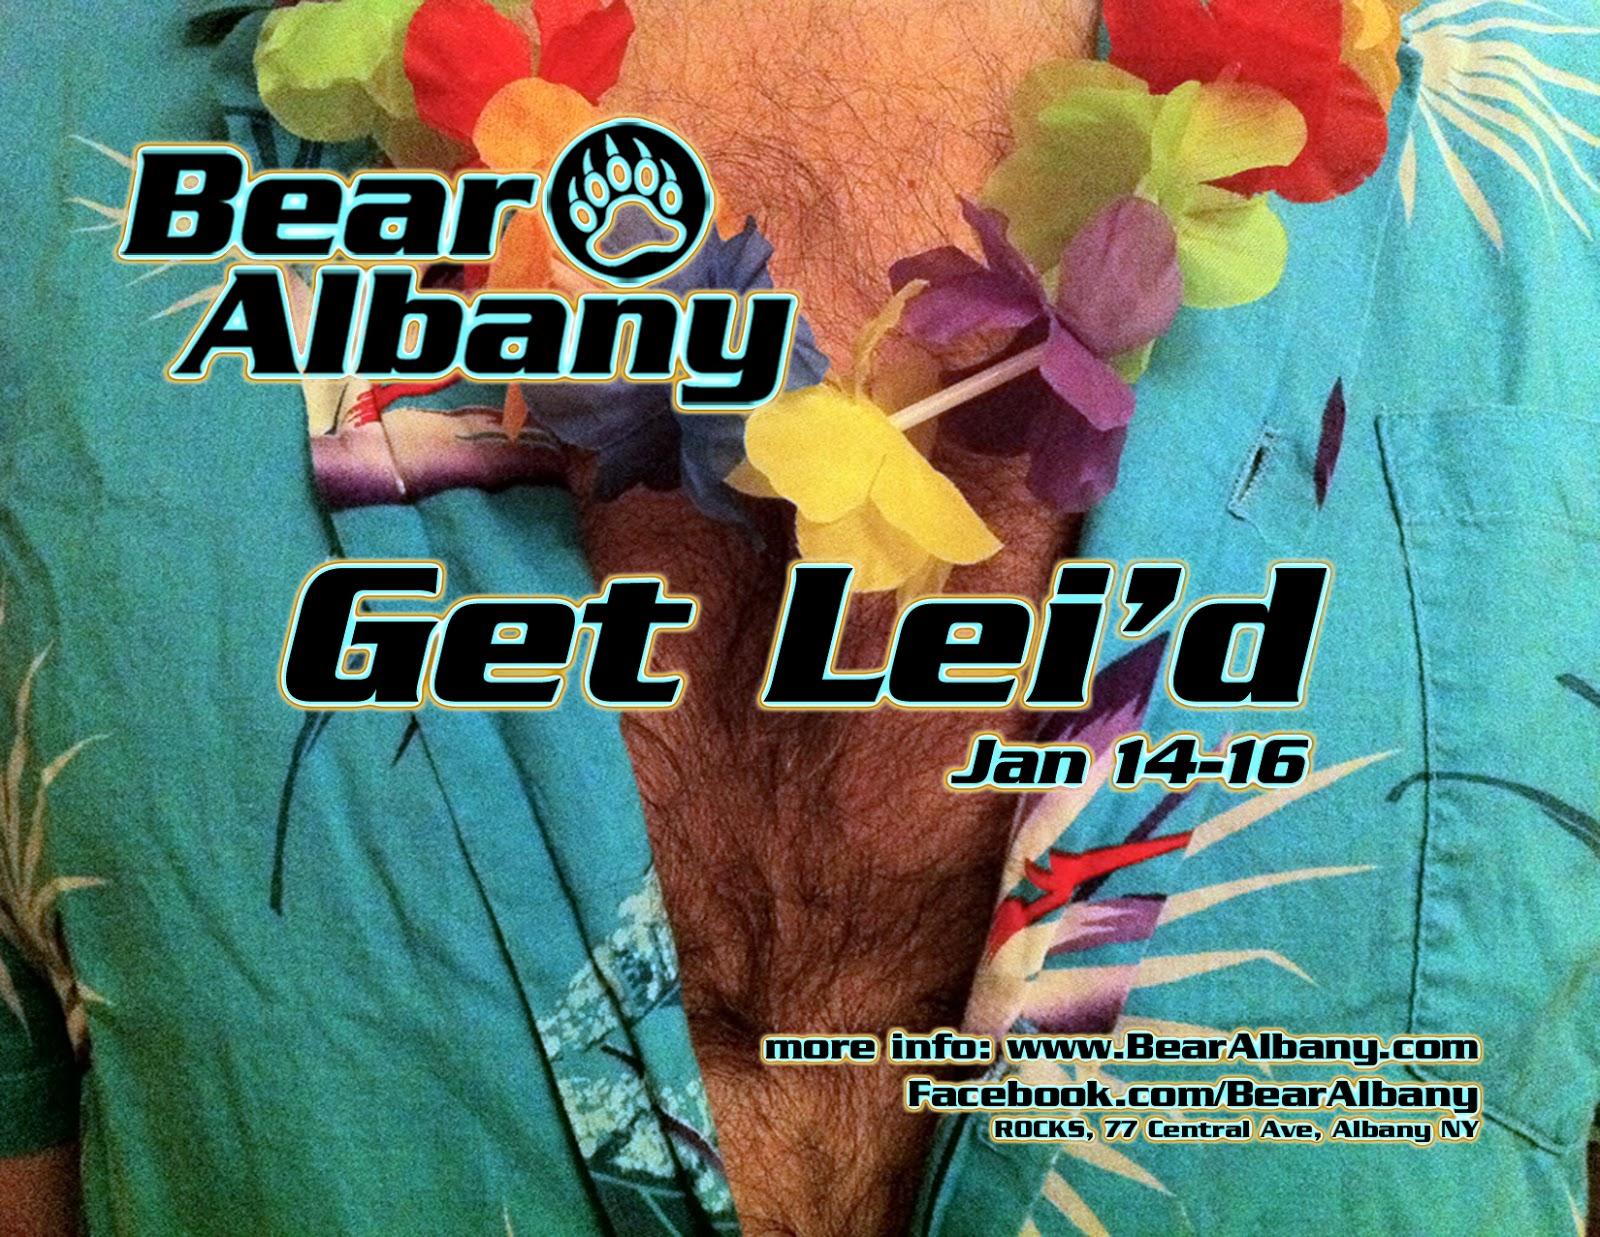 Bear Albany 2010